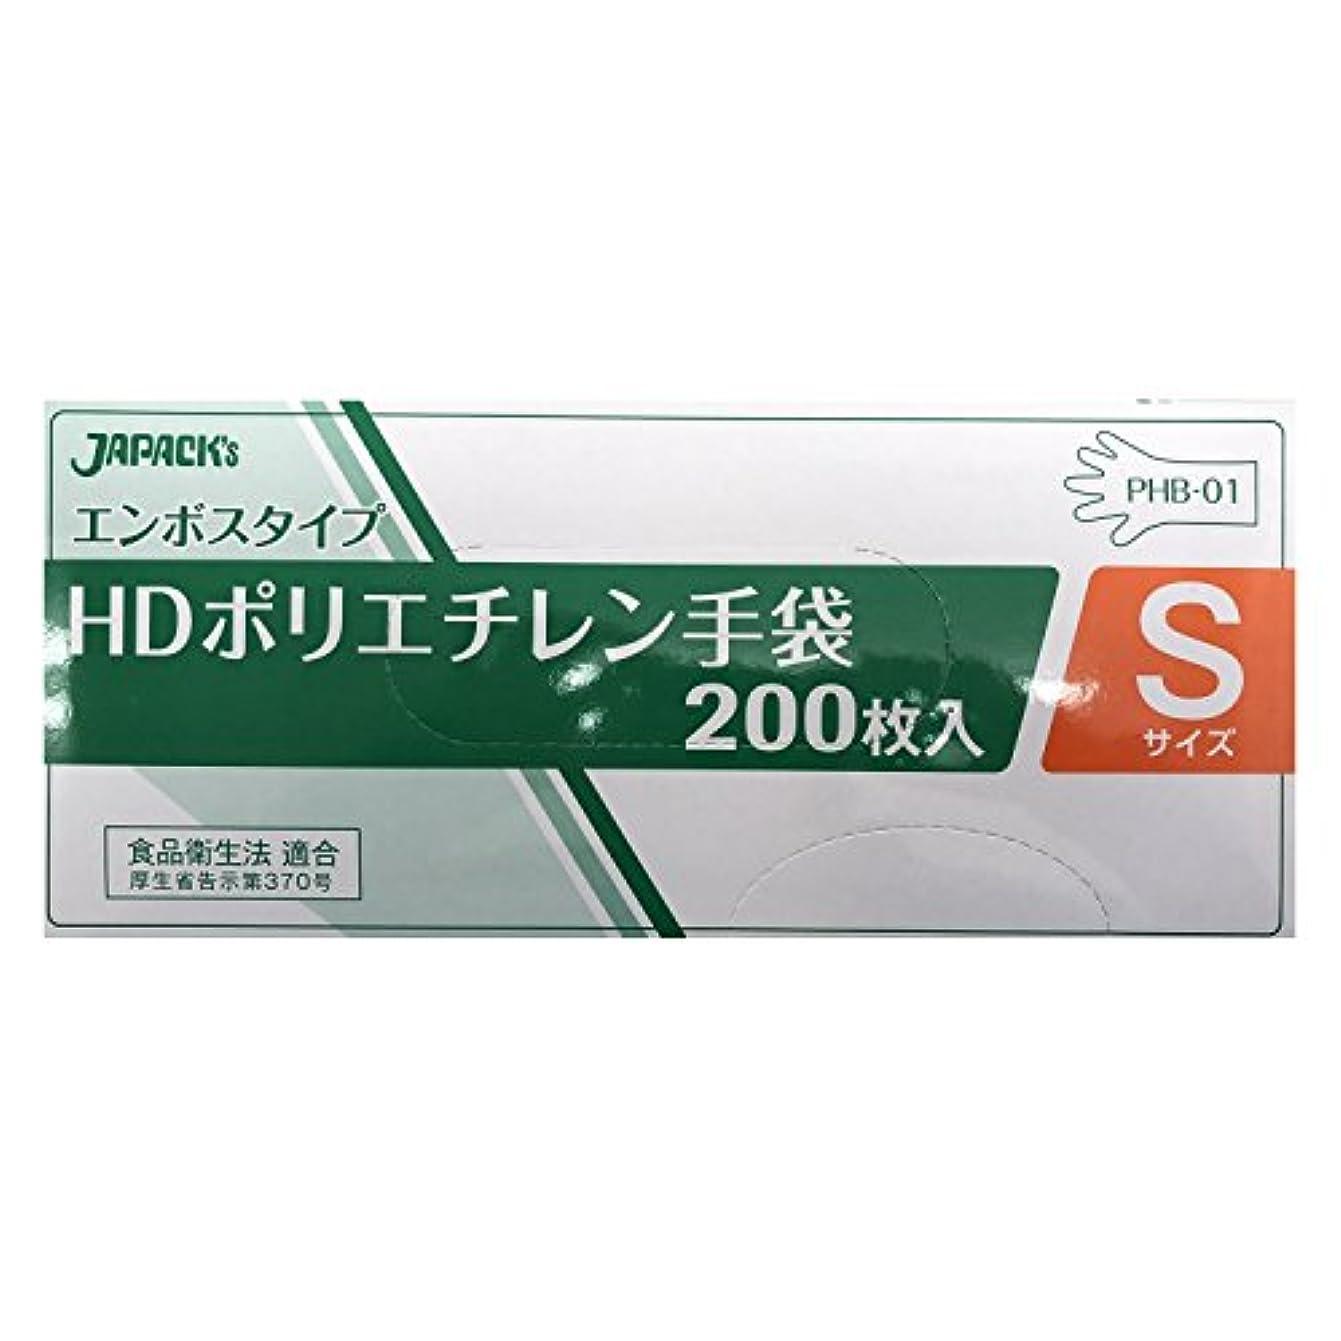 燃料精査デイジーエンボスタイプ HDポリエチレン手袋 Sサイズ BOX 200枚入 無着色 PHB-01